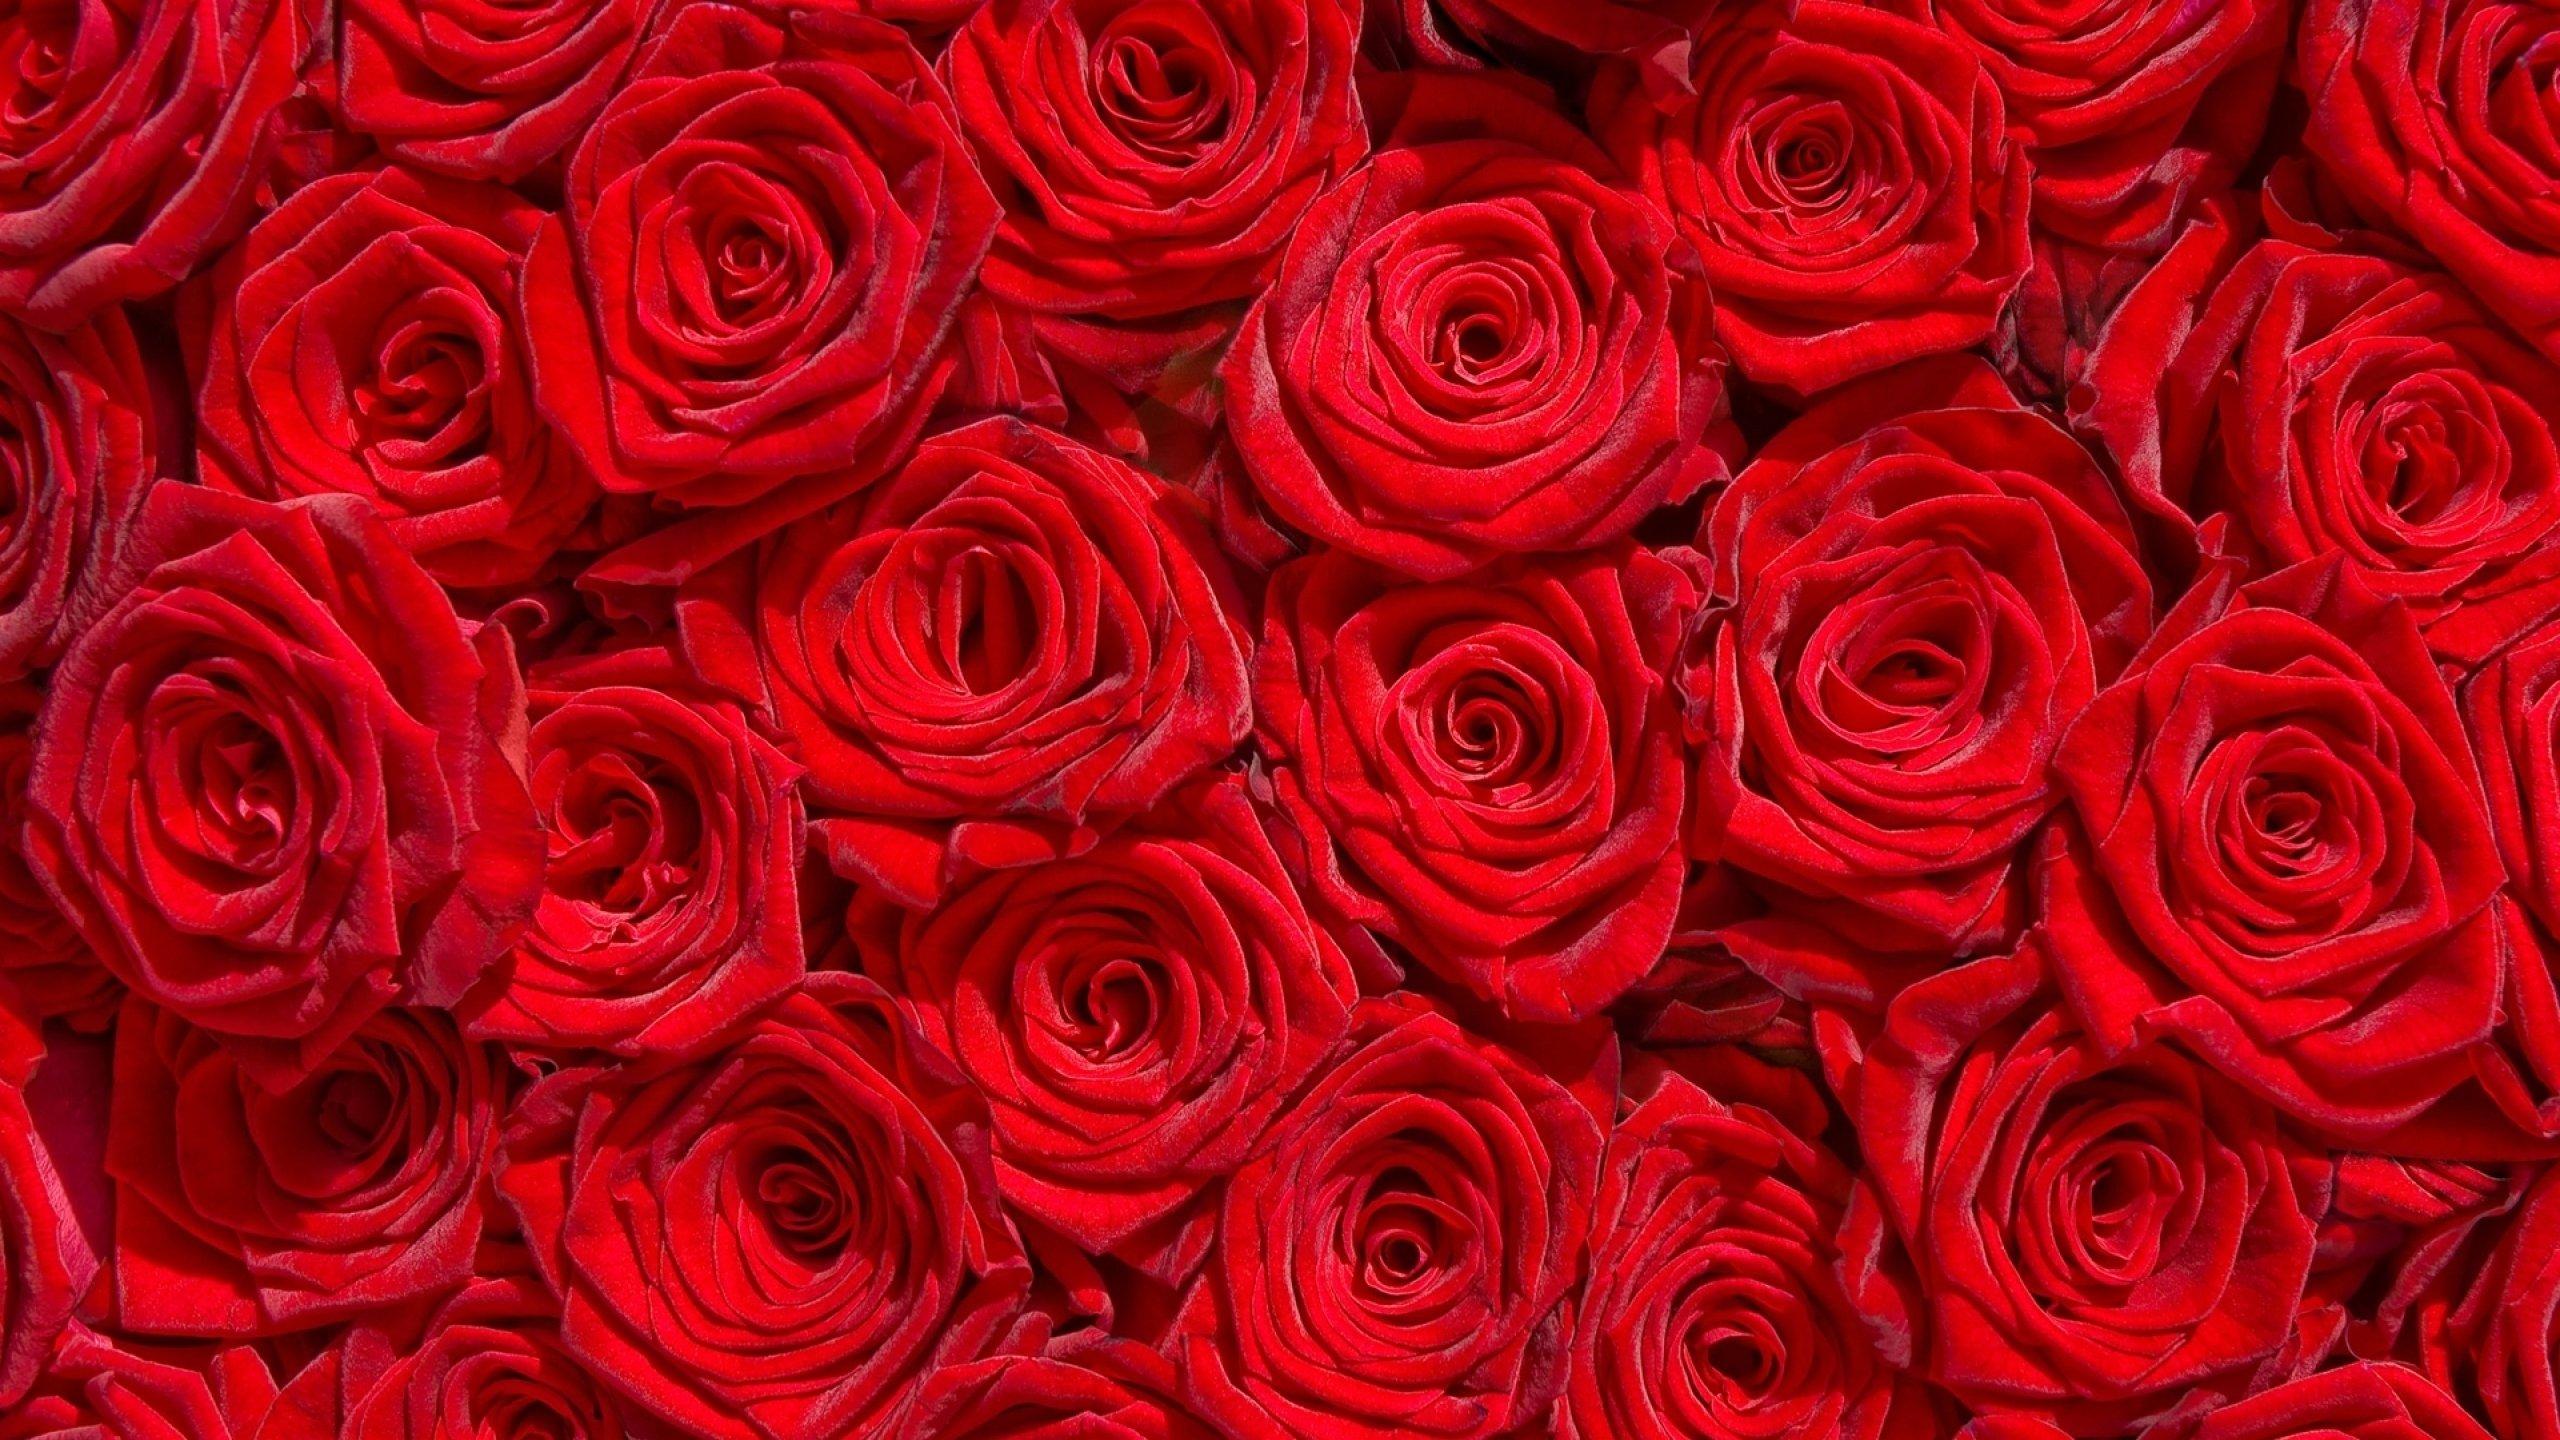 High Resolution Wallpaper Hd Nature Flower Rose